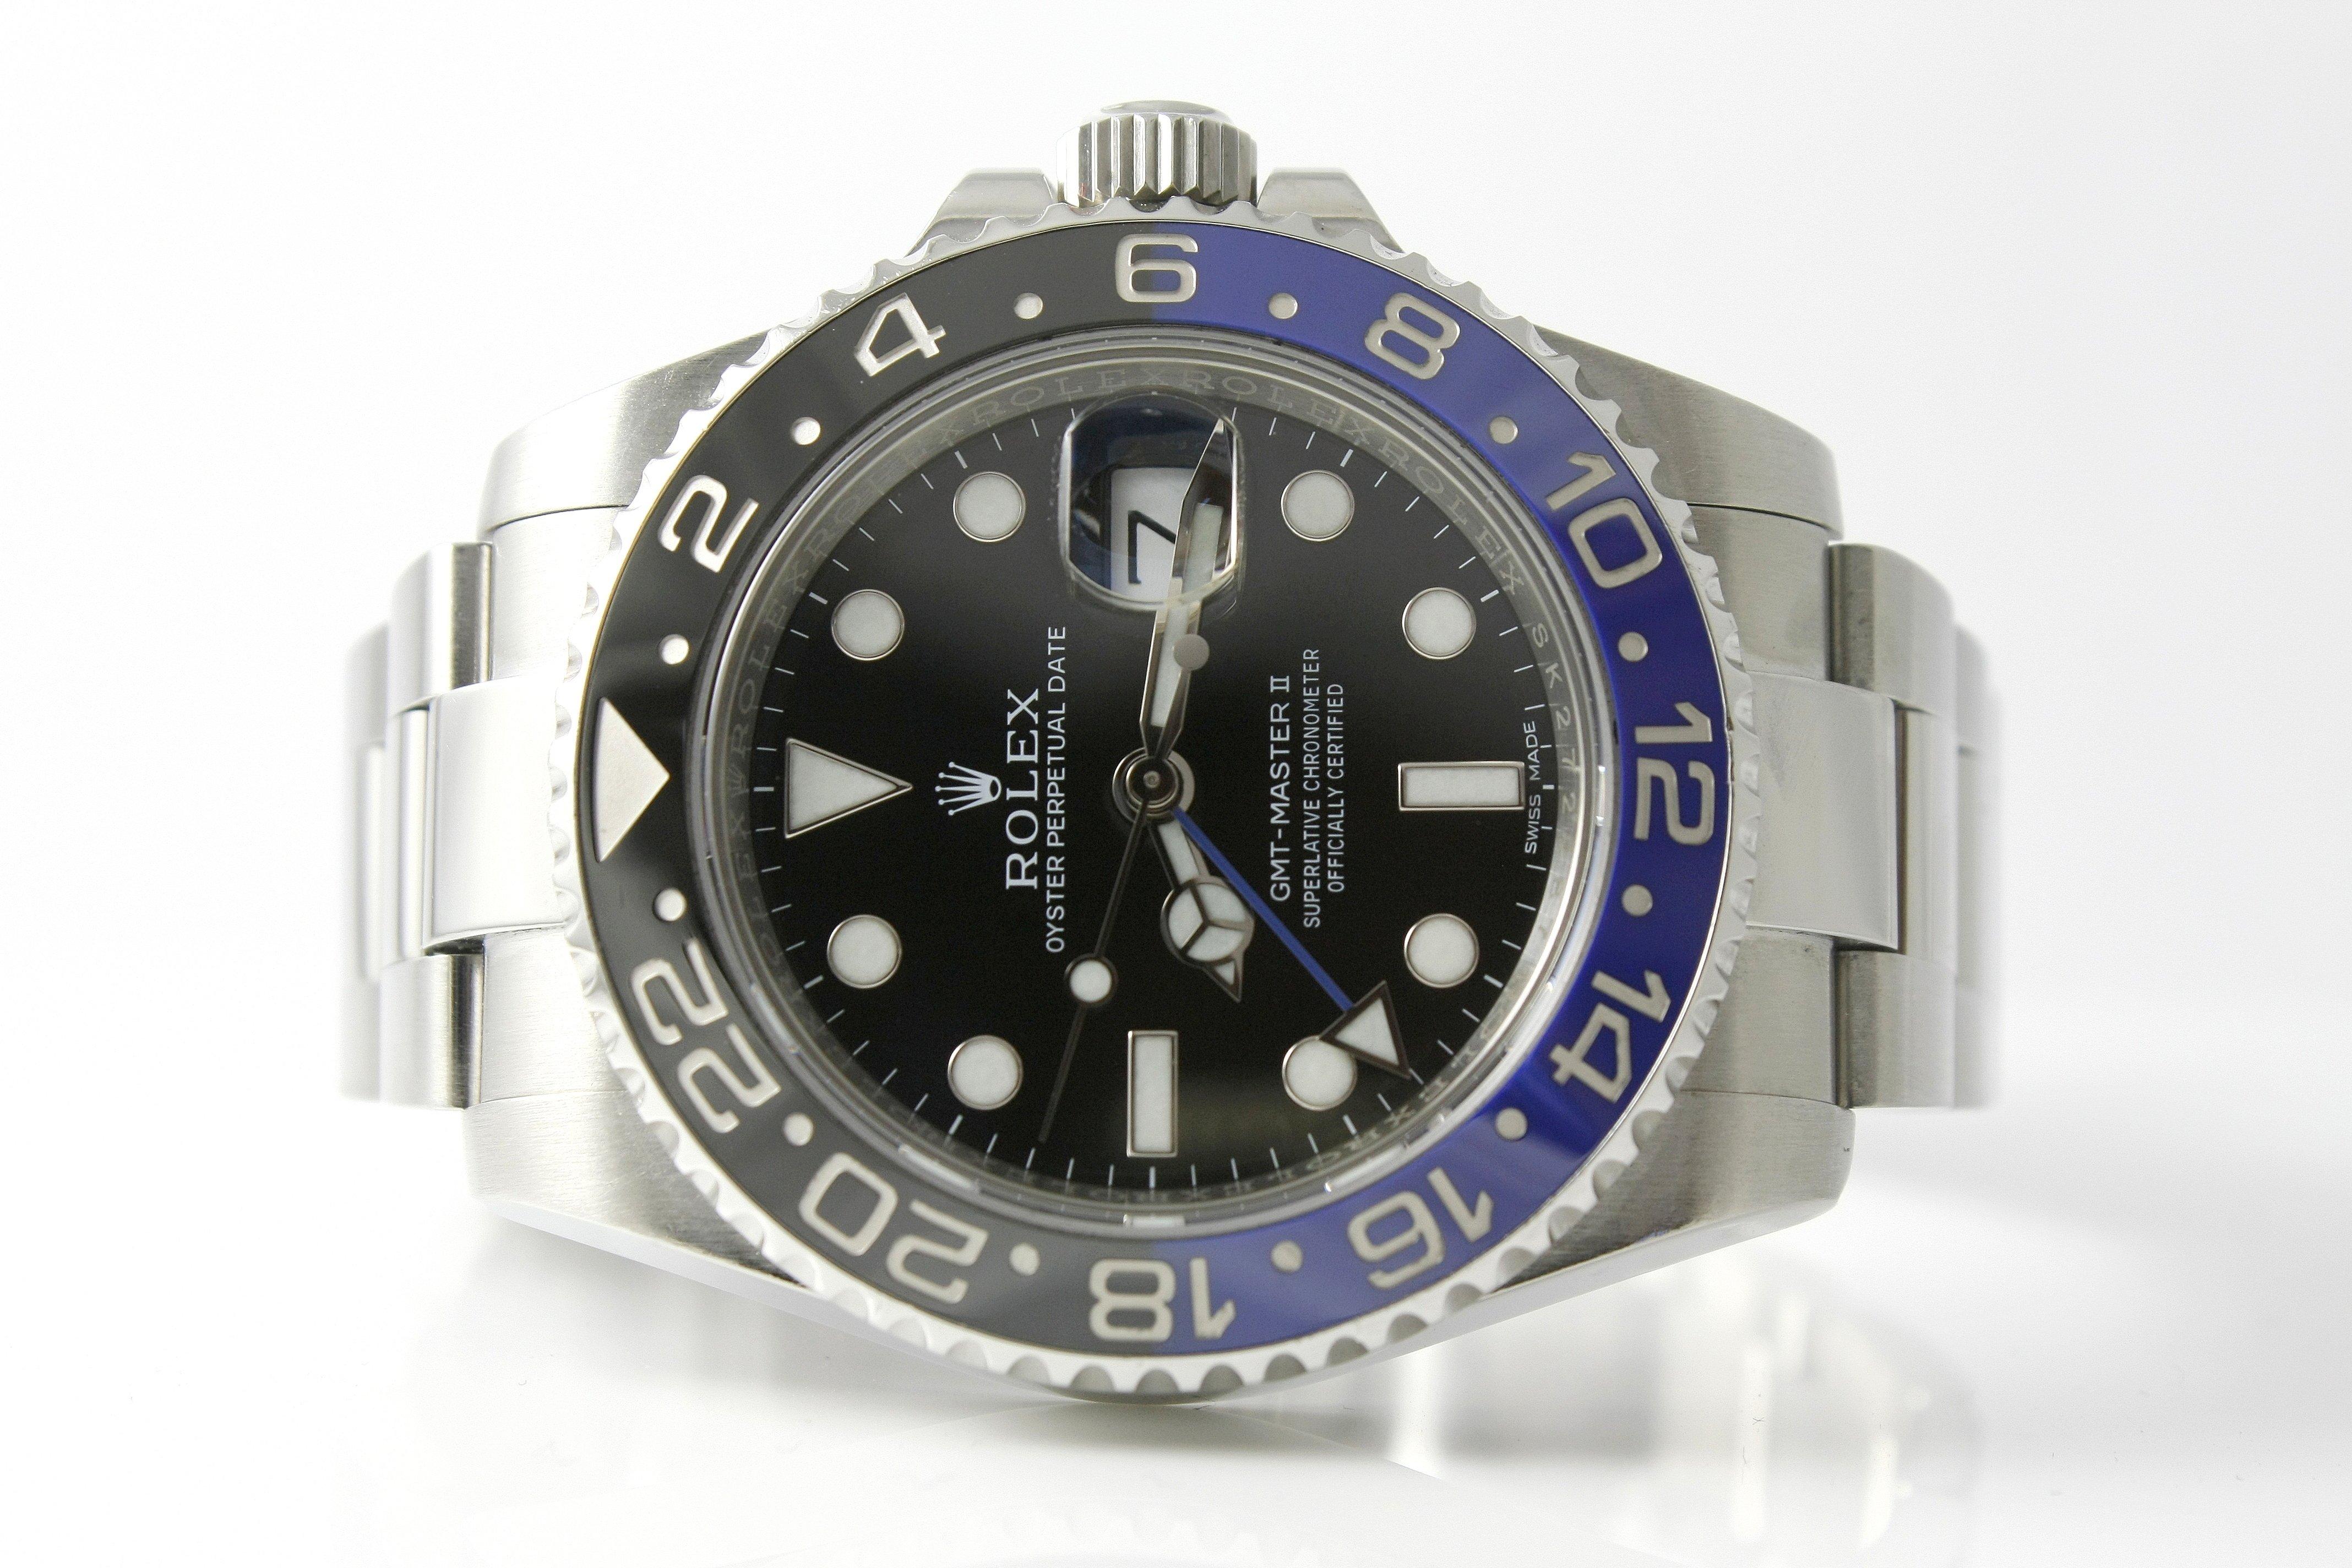 Rolex GMT-Master II - $9,700